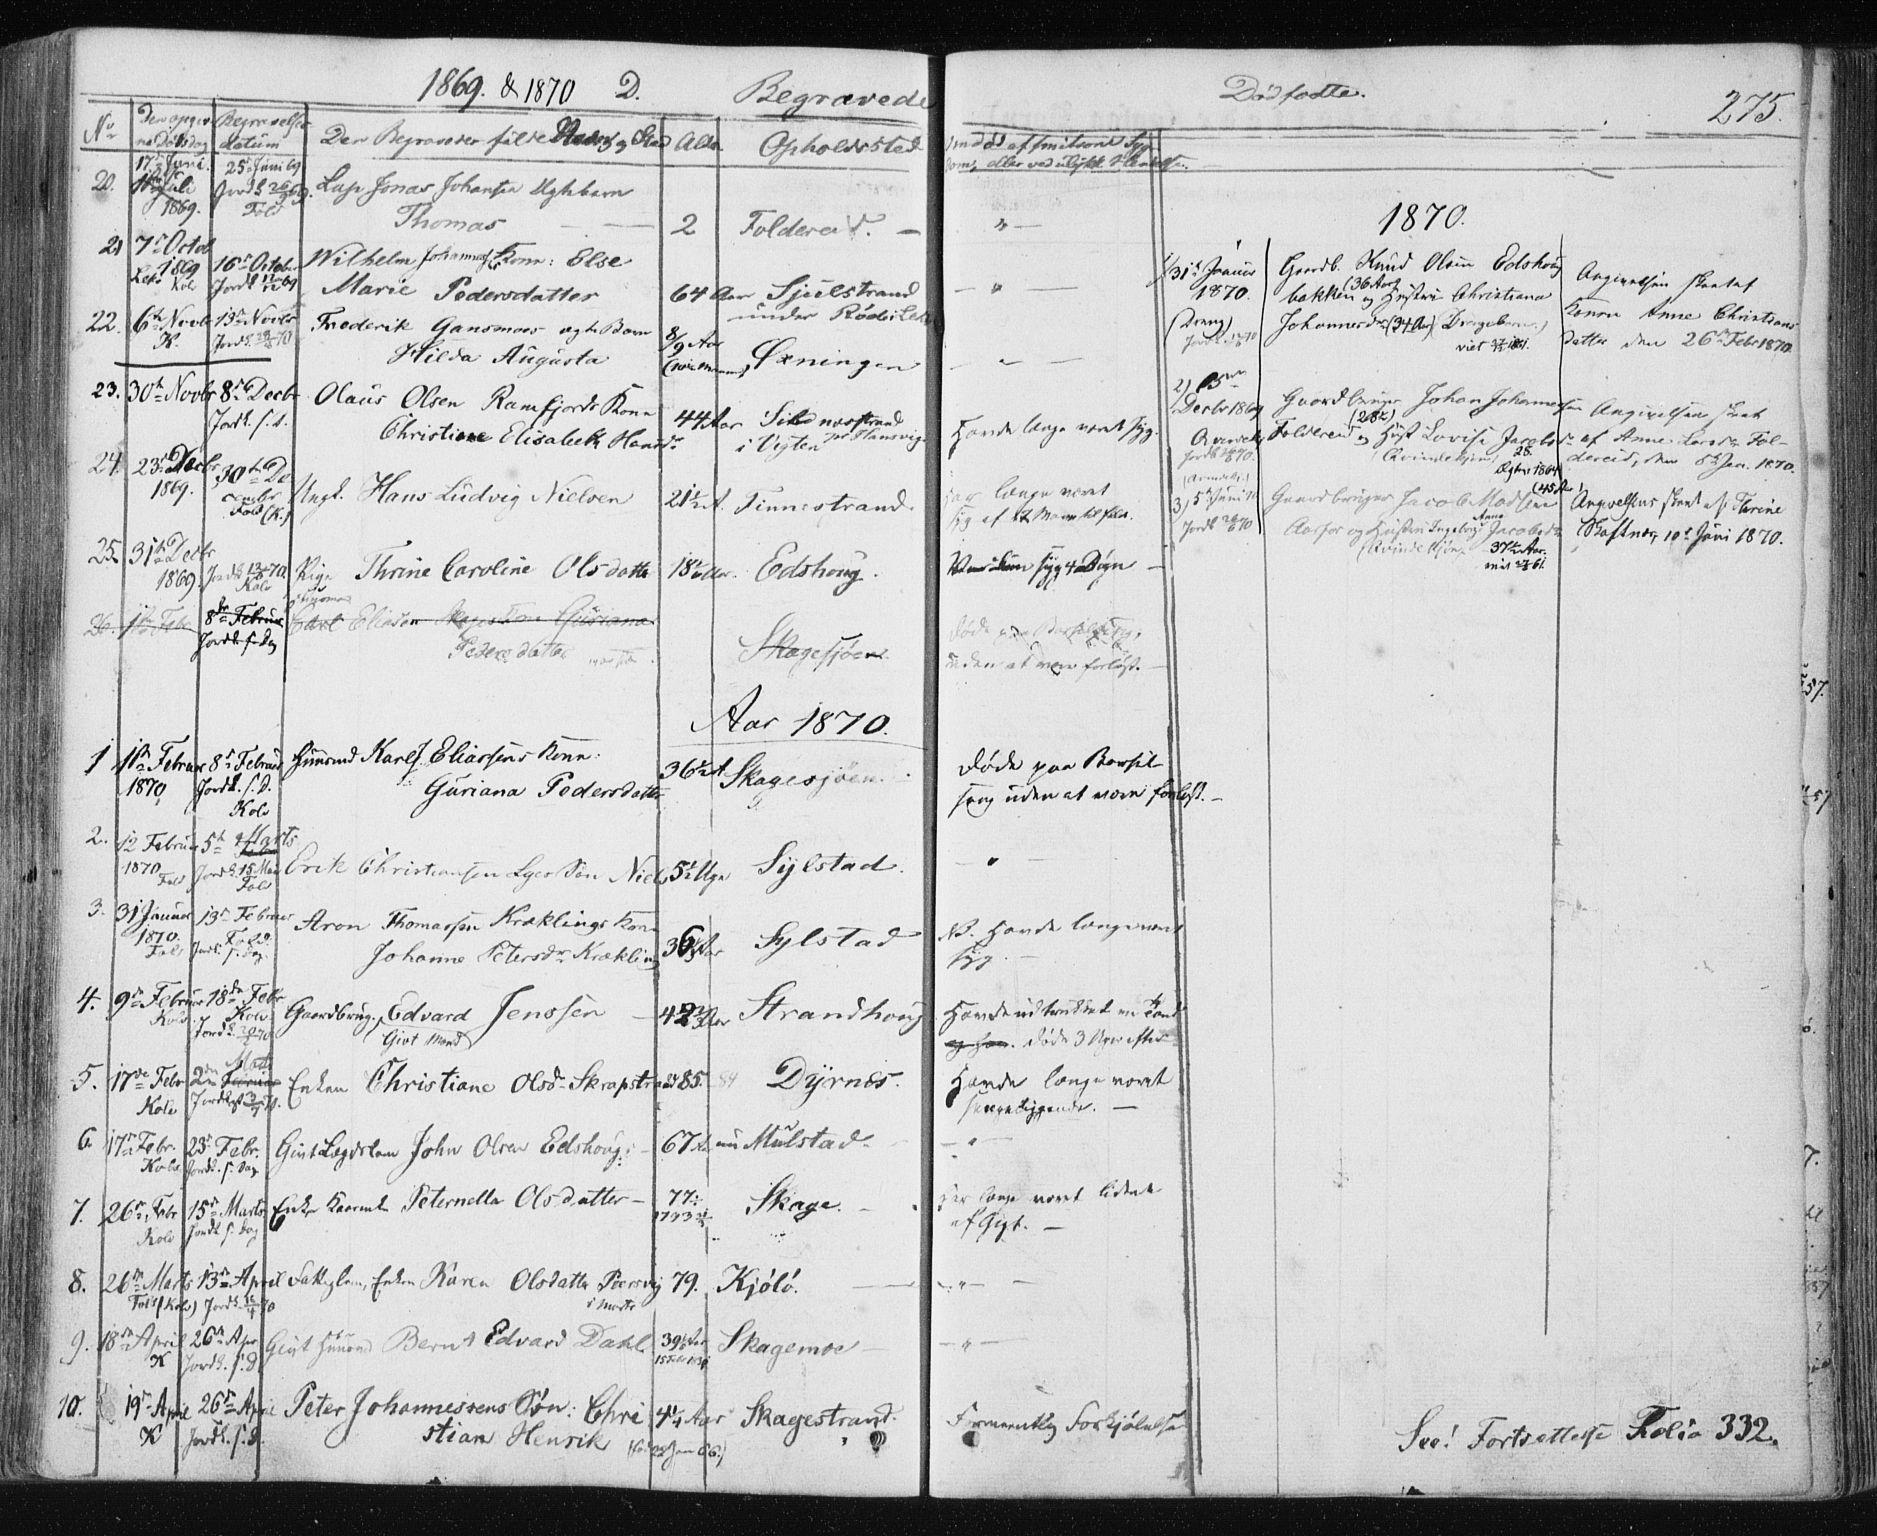 SAT, Ministerialprotokoller, klokkerbøker og fødselsregistre - Nord-Trøndelag, 780/L0641: Ministerialbok nr. 780A06, 1857-1874, s. 275